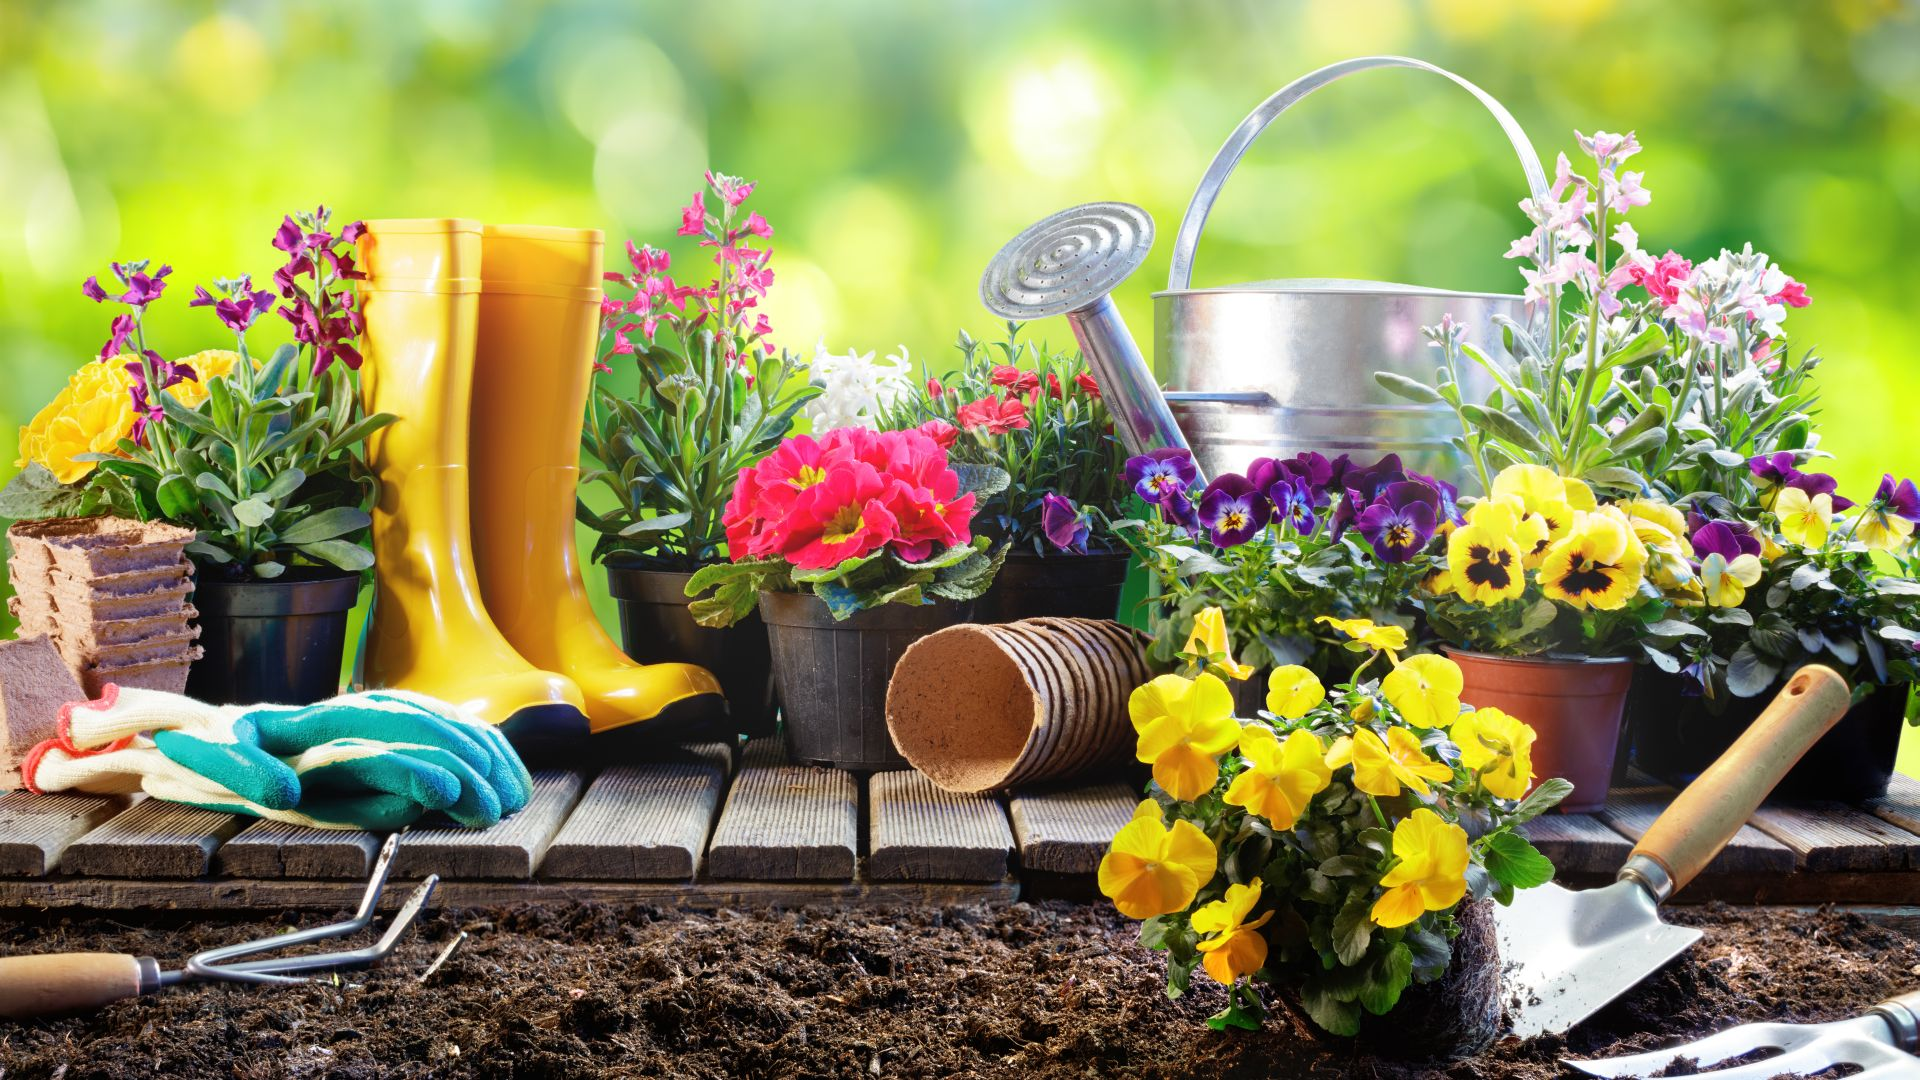 Jak zadbać o porządek w ogrodzie na wiosnę?